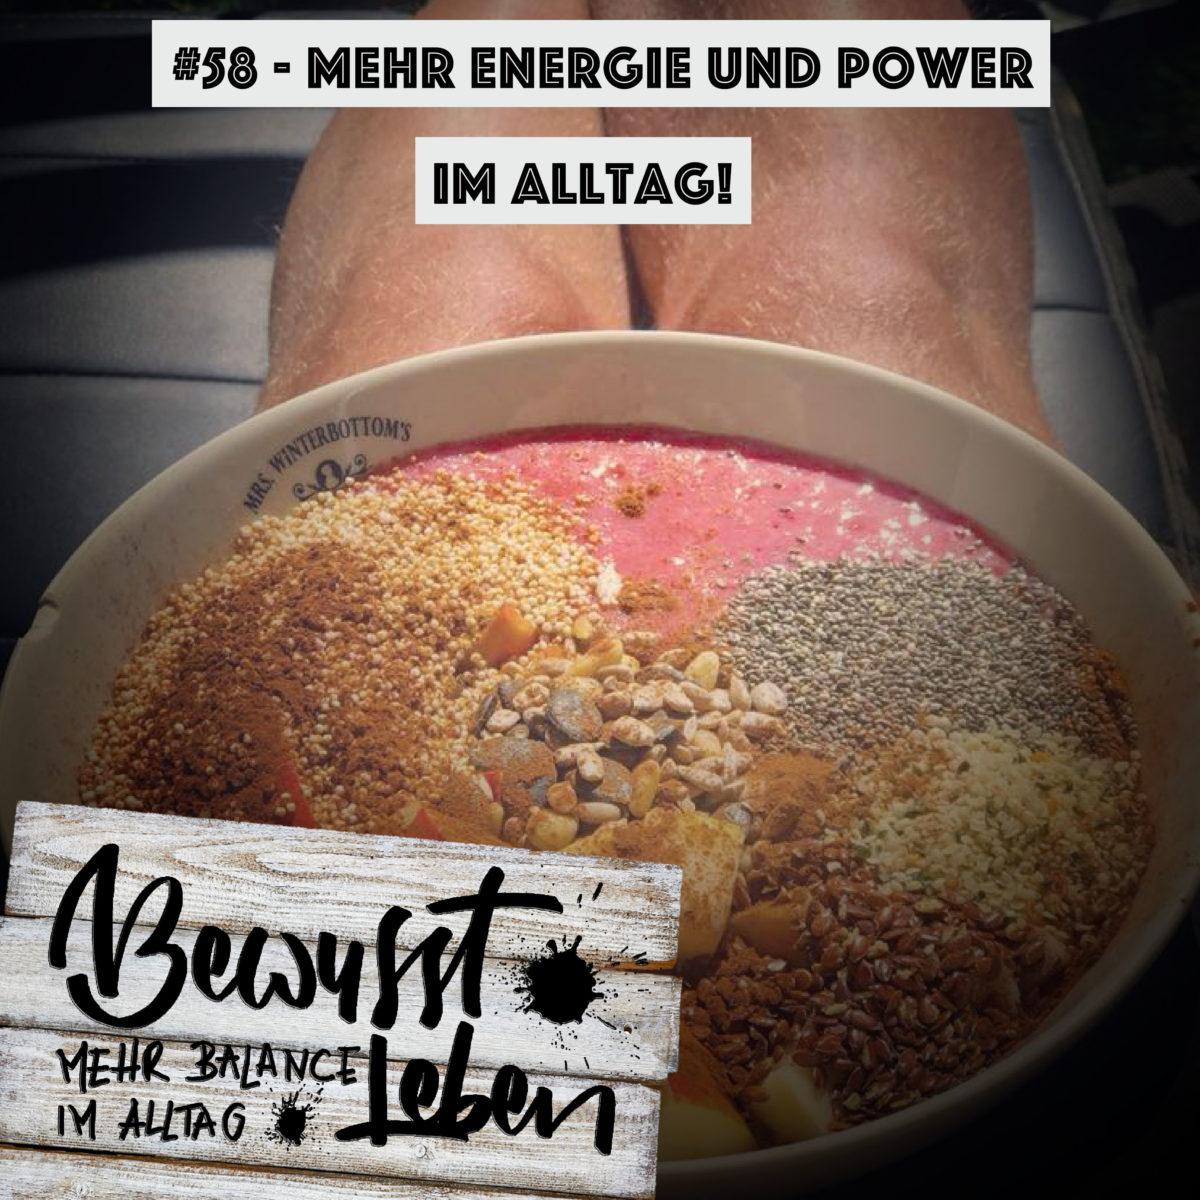 Mehr Energie und Power im Alltag